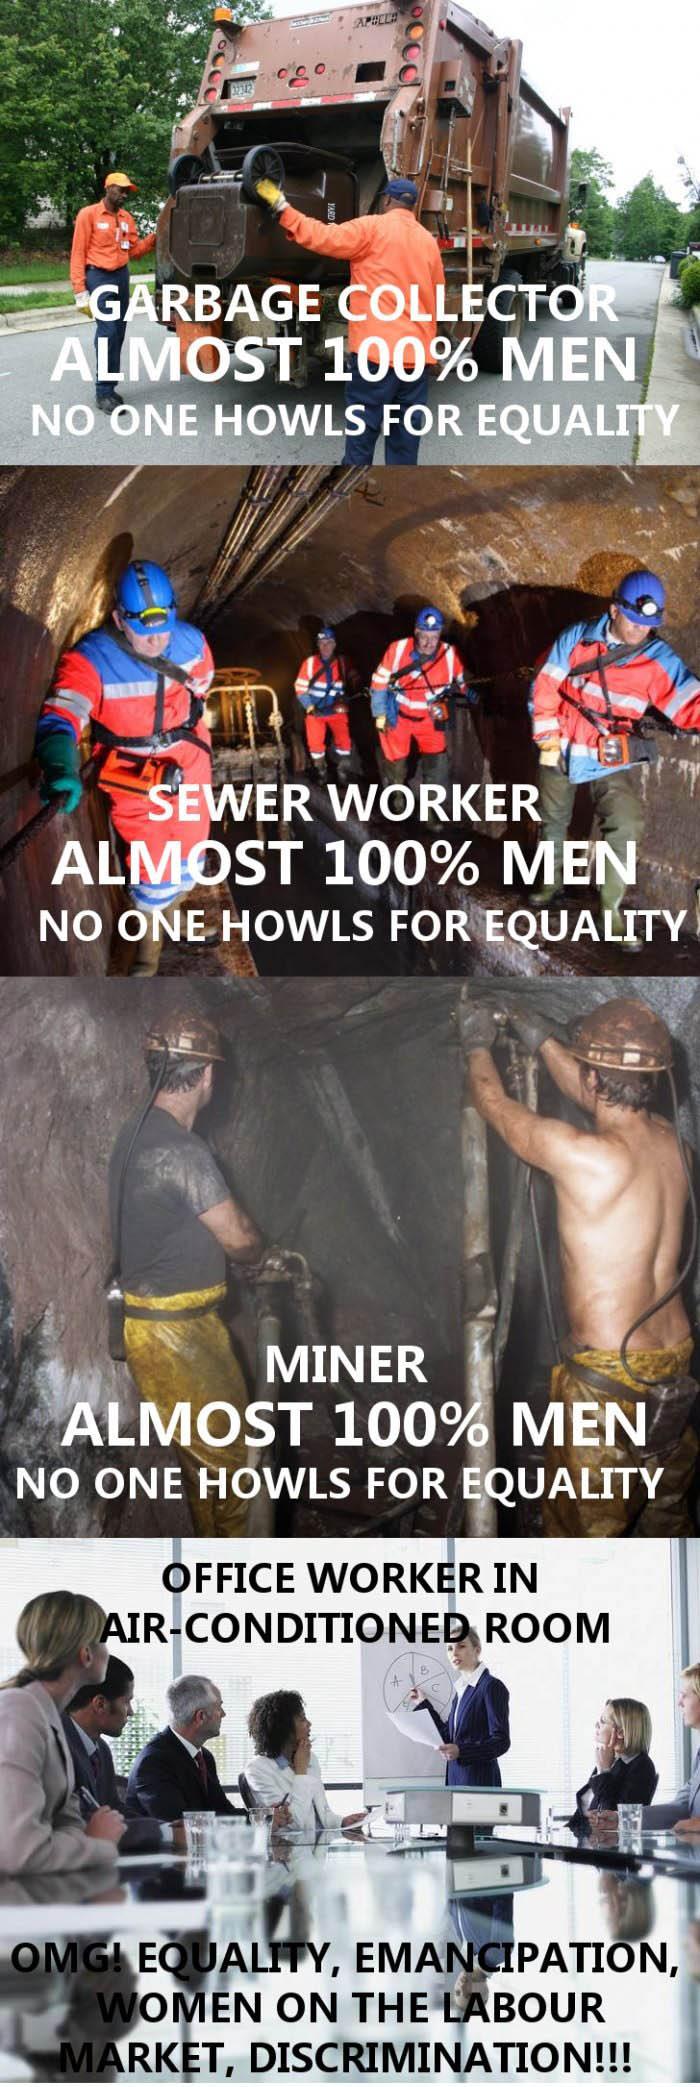 메갈이 원하는 남녀평등